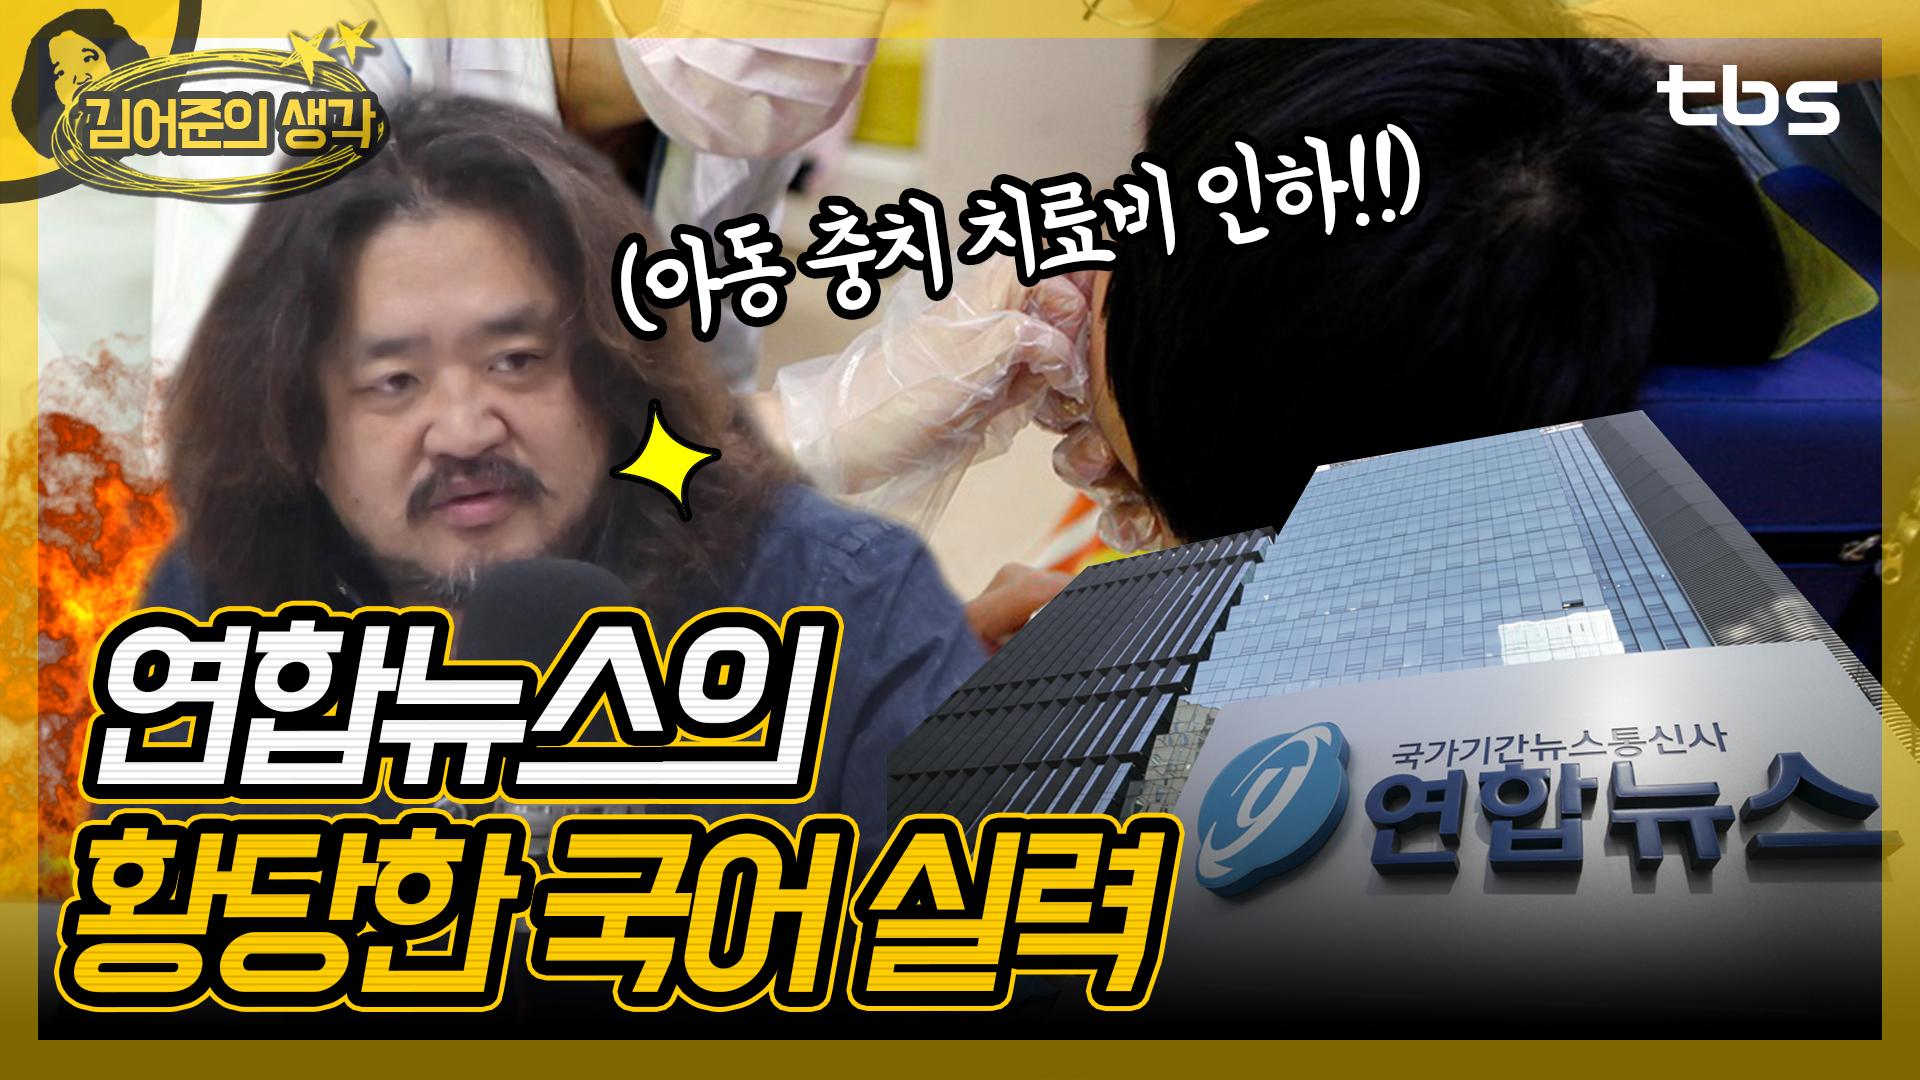 연합뉴스의 황당한 국어 실력 [김어준의 뉴스공장/김어준 생각]